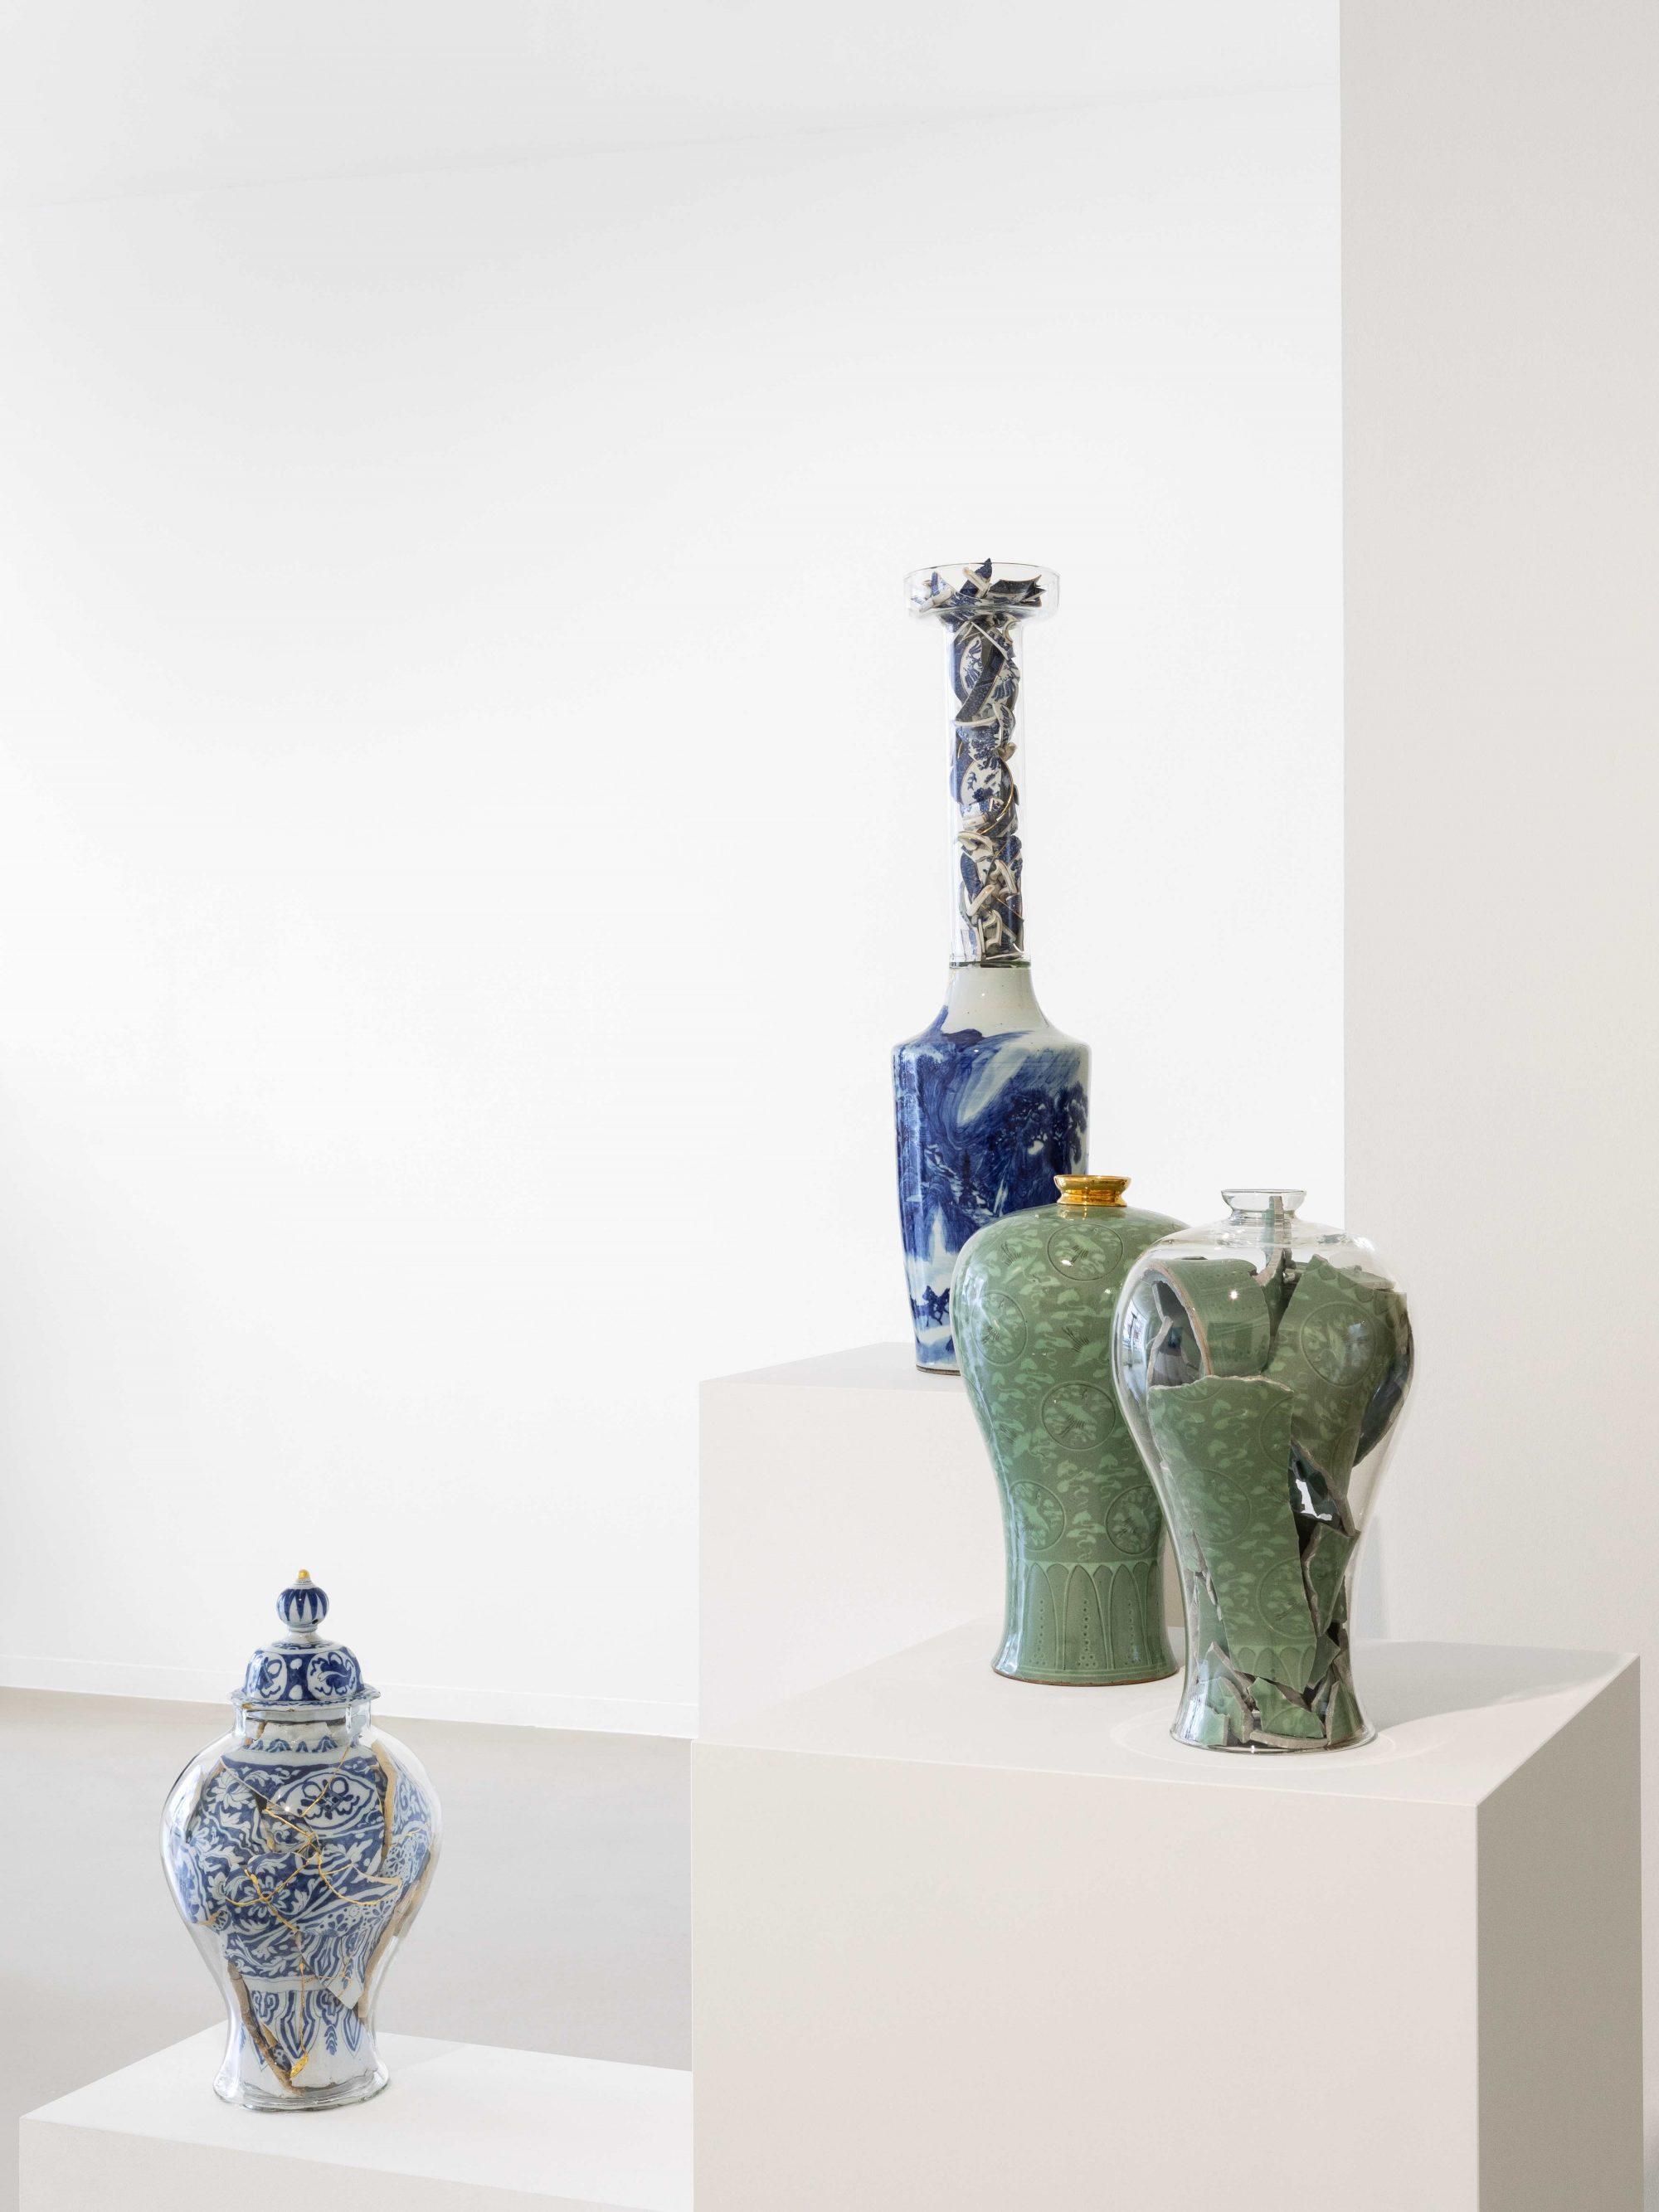 Watch here: Virtual Talk about Art Rotterdam